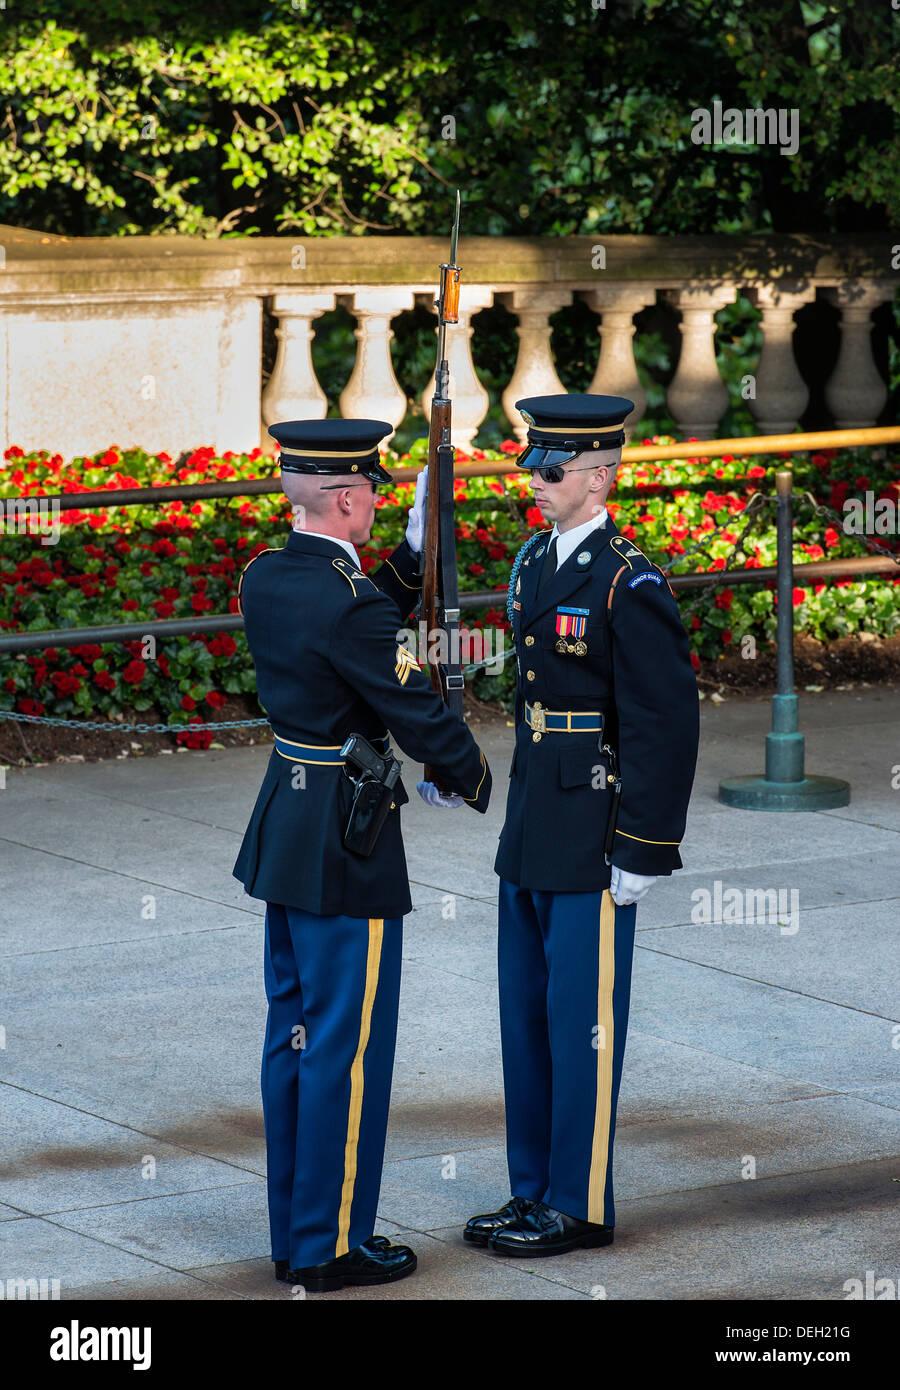 Vigilaban la Tumba del Soldado Desconocido, el cementerio de Arlington, Virginia, EE.UU. Foto de stock